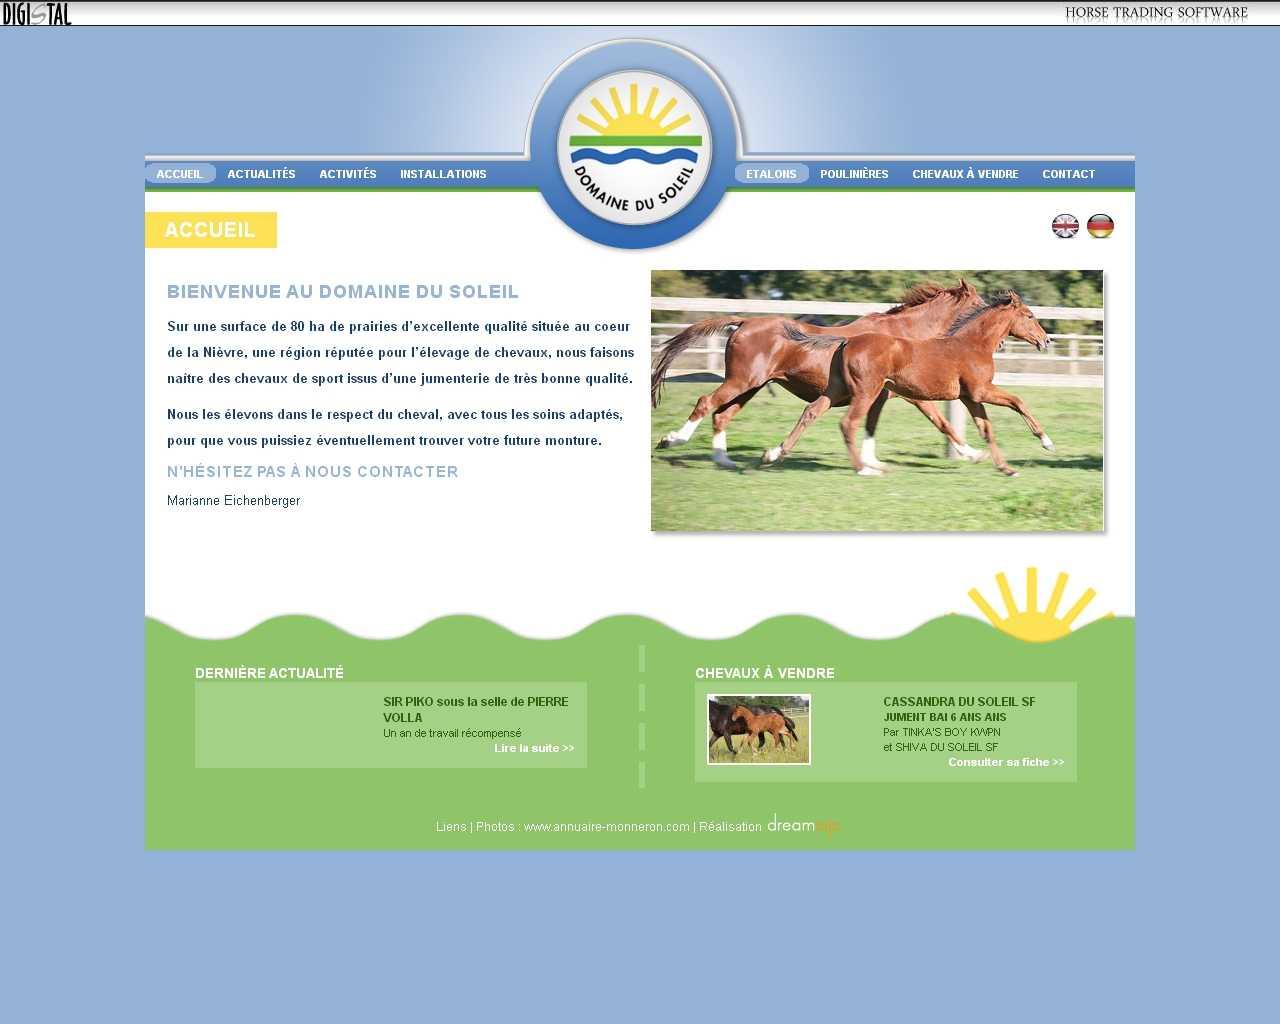 Visuel du site Domaine du soleil